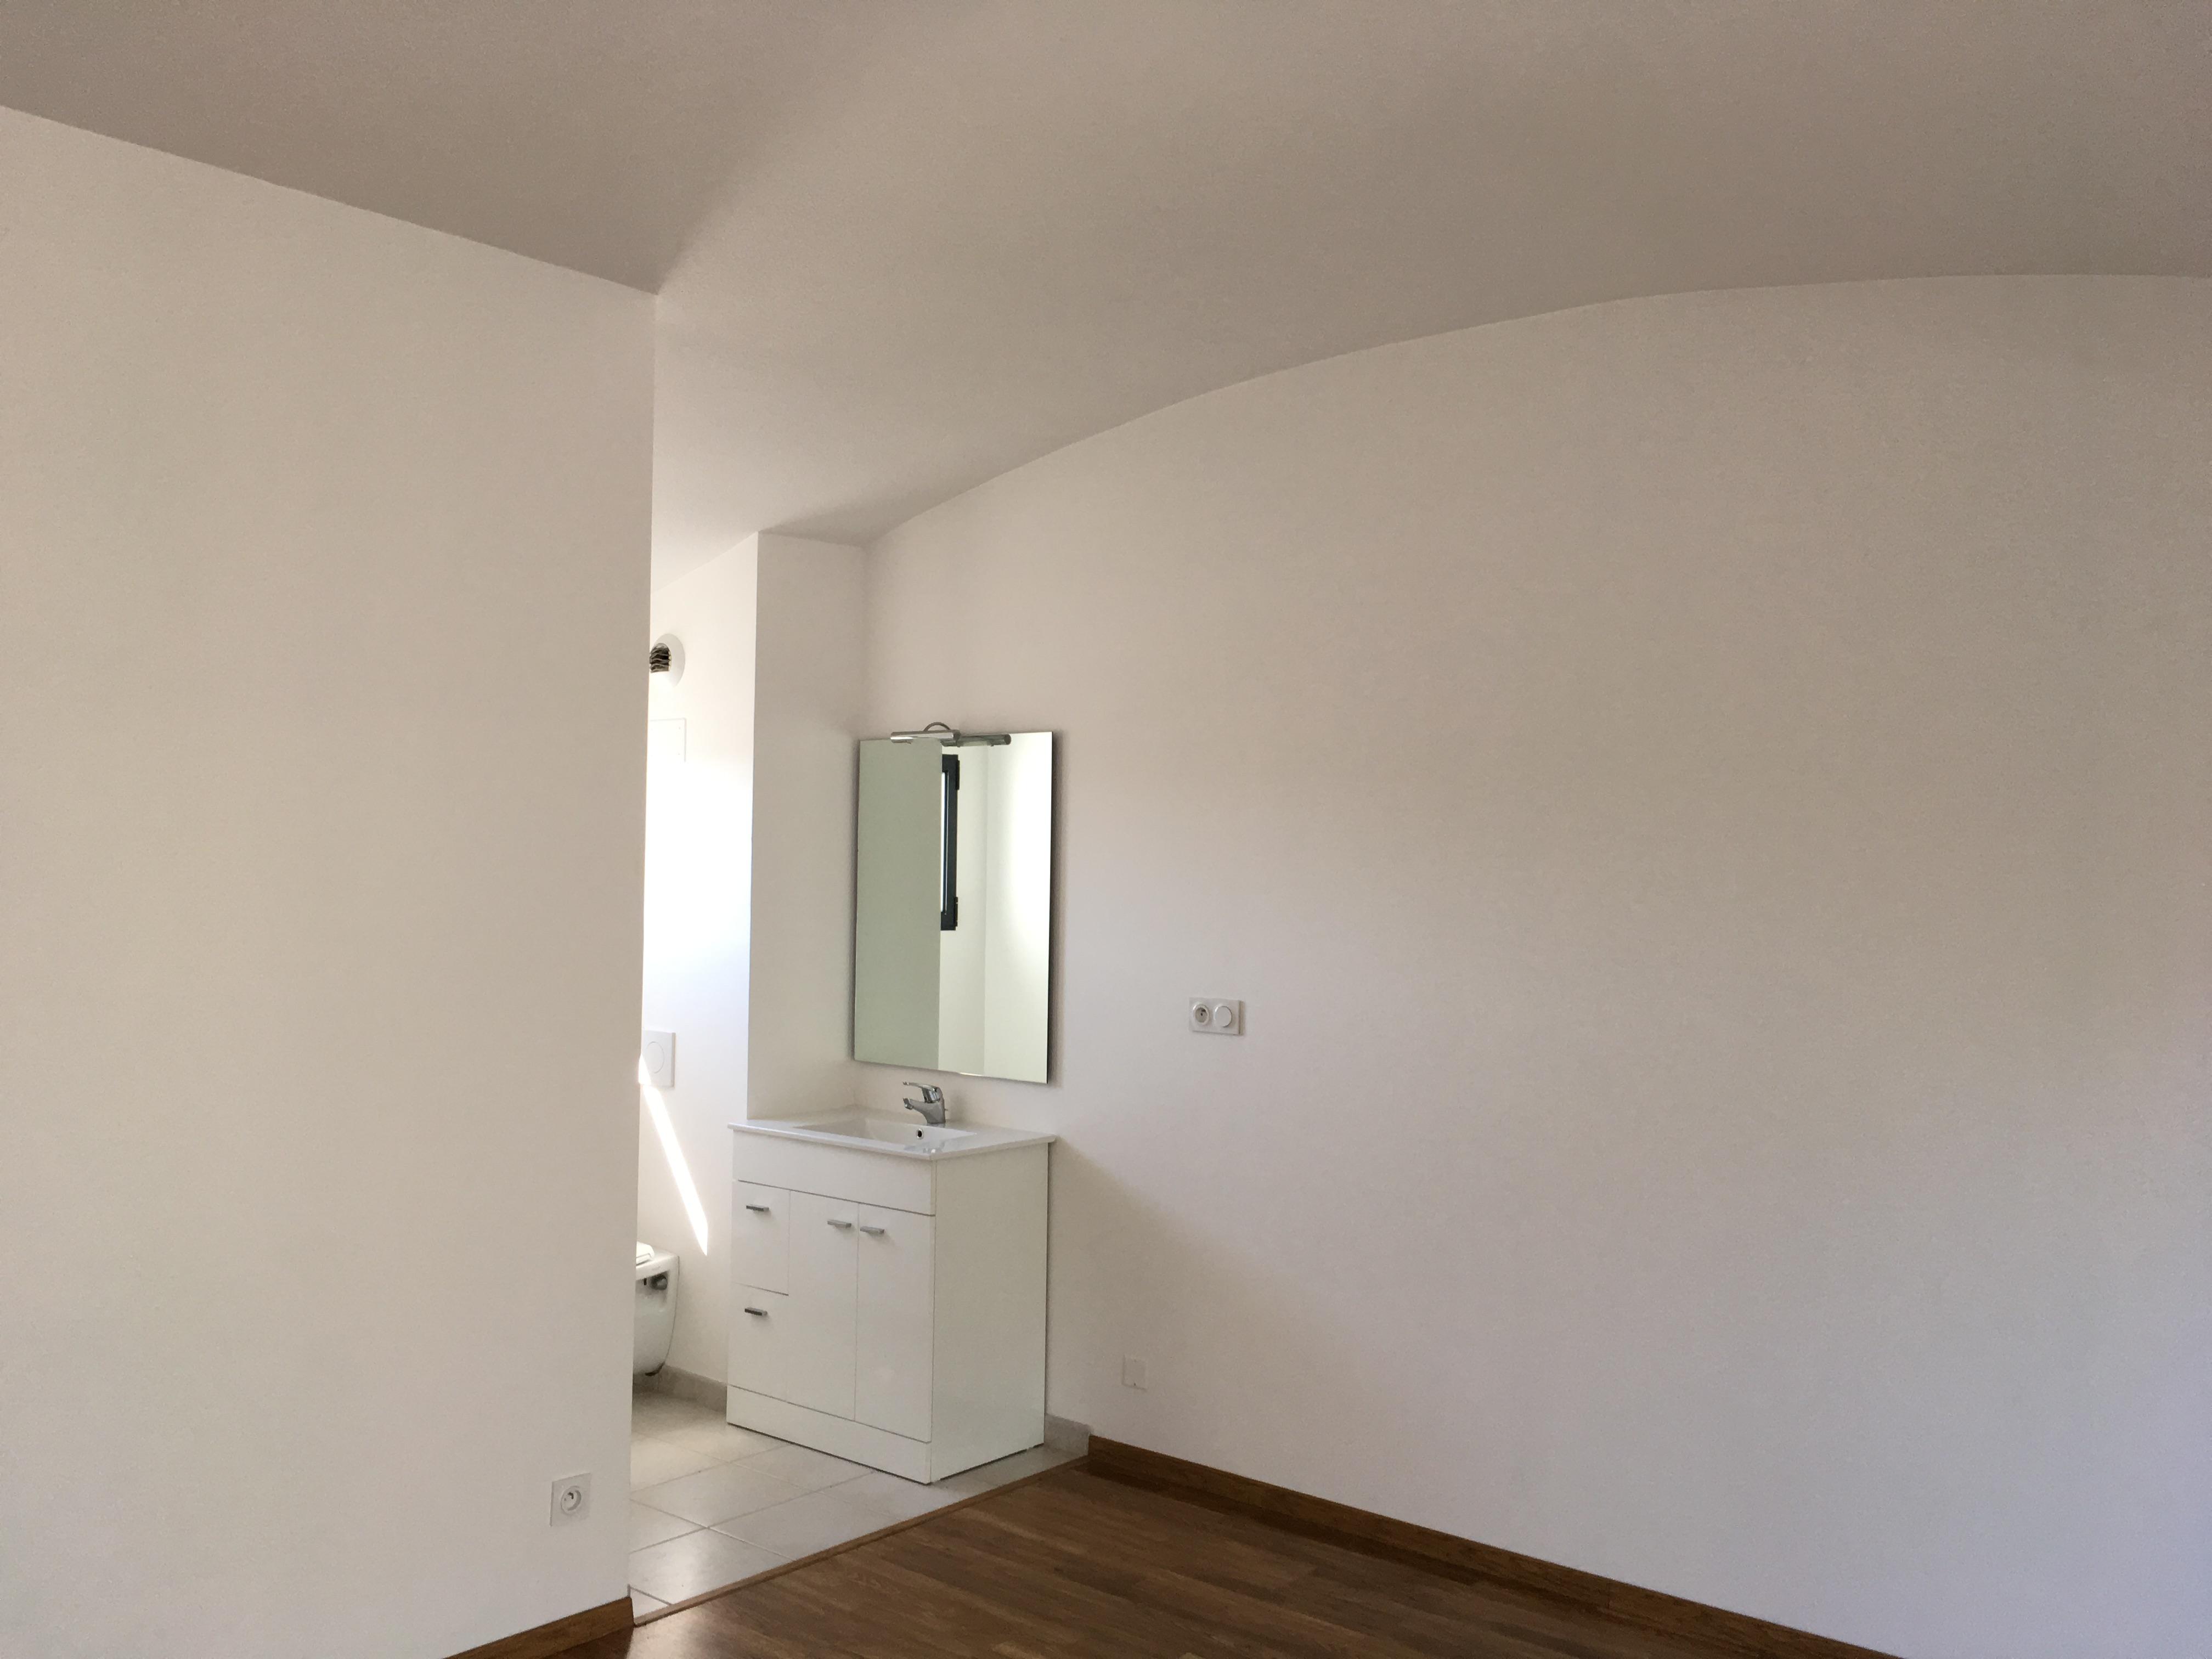 Rdrg immo bordeaux appartement t4 duplex terrasse et for Appartement bordeaux 200 000 euros